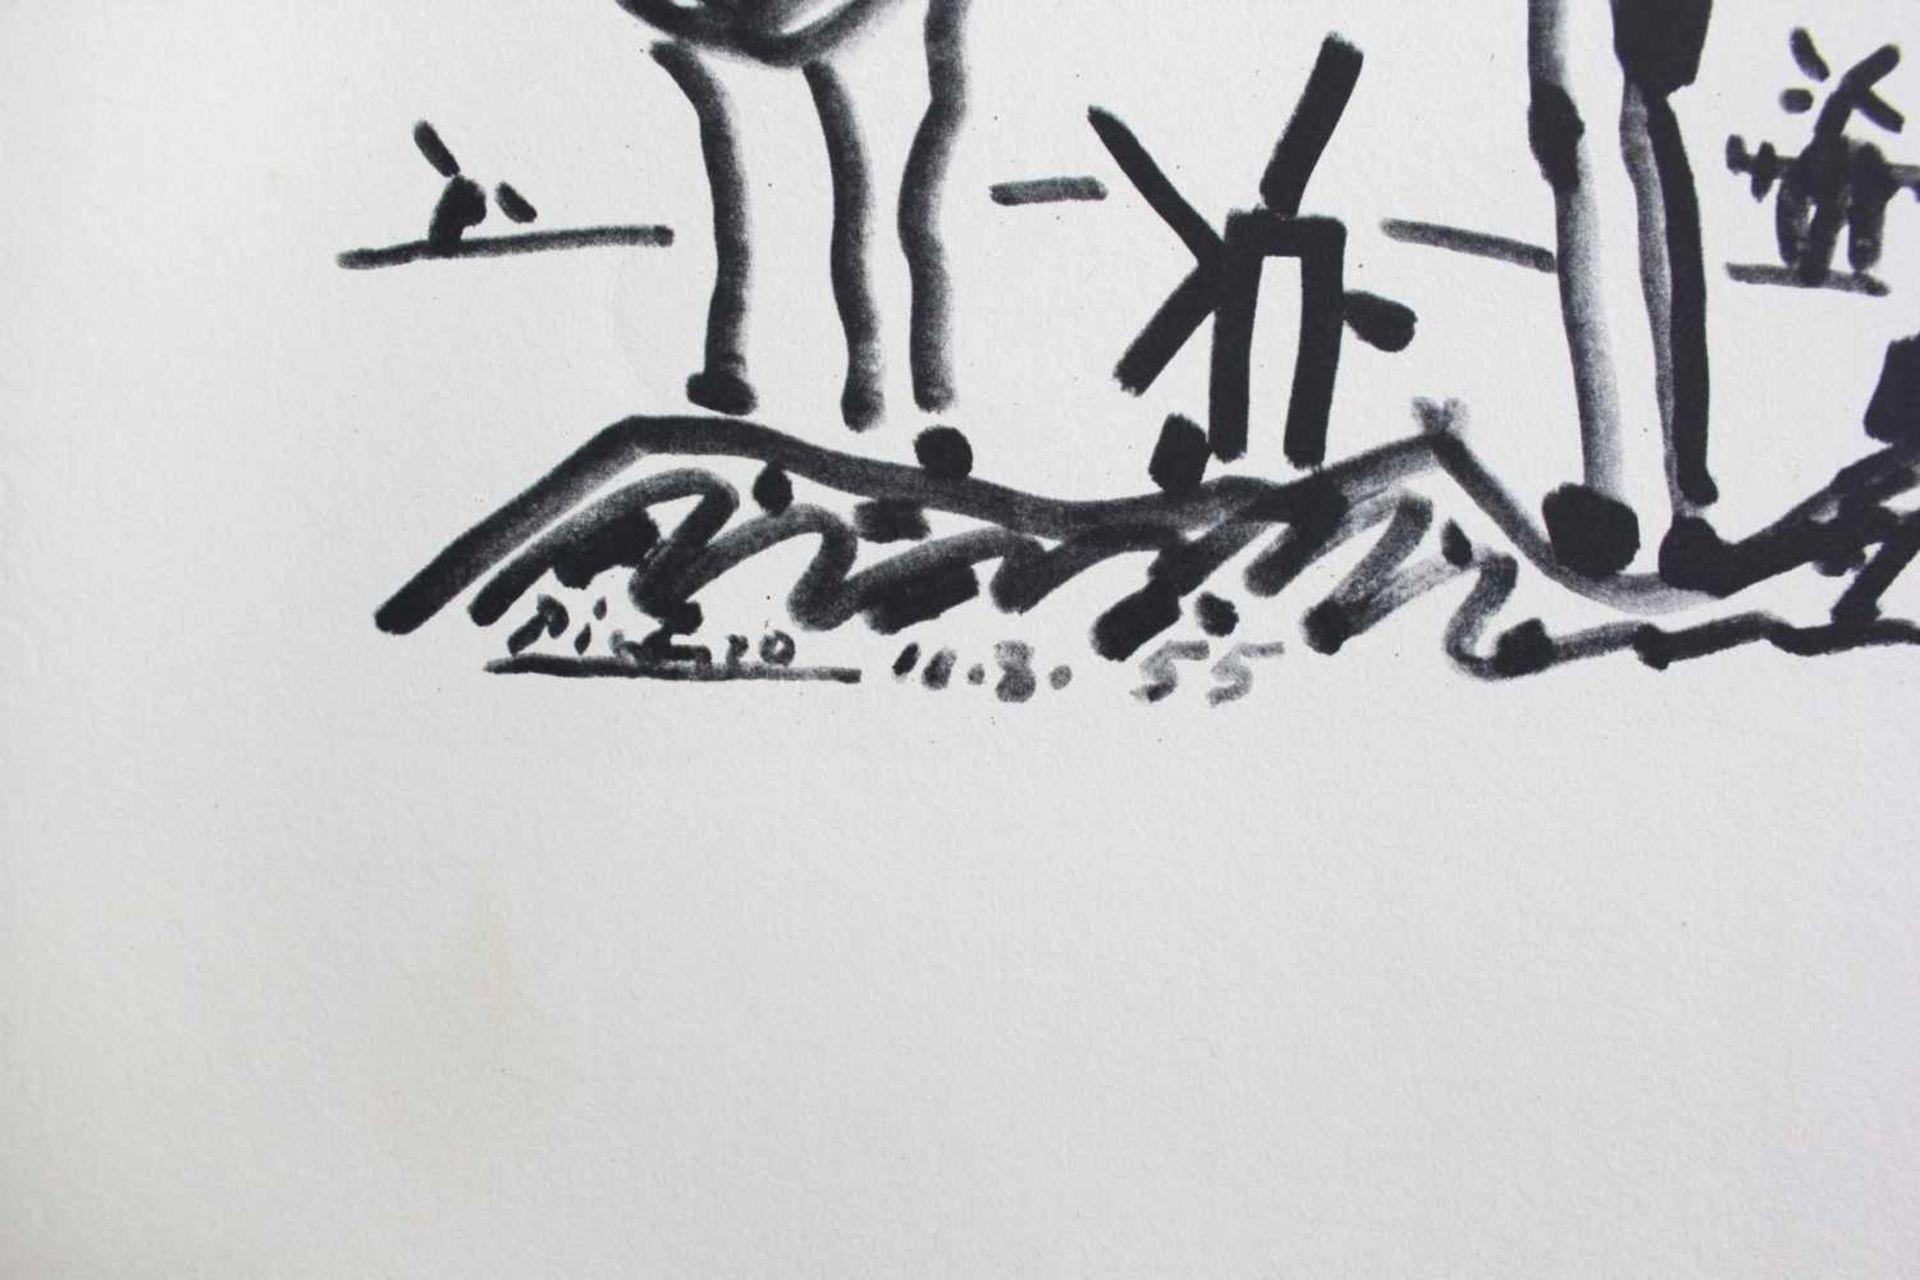 Pablo Picasso 1881 - 1973 Don Quichote und Sanjo Panza Pochoir Lithographie signatur und Datum - Bild 2 aus 2